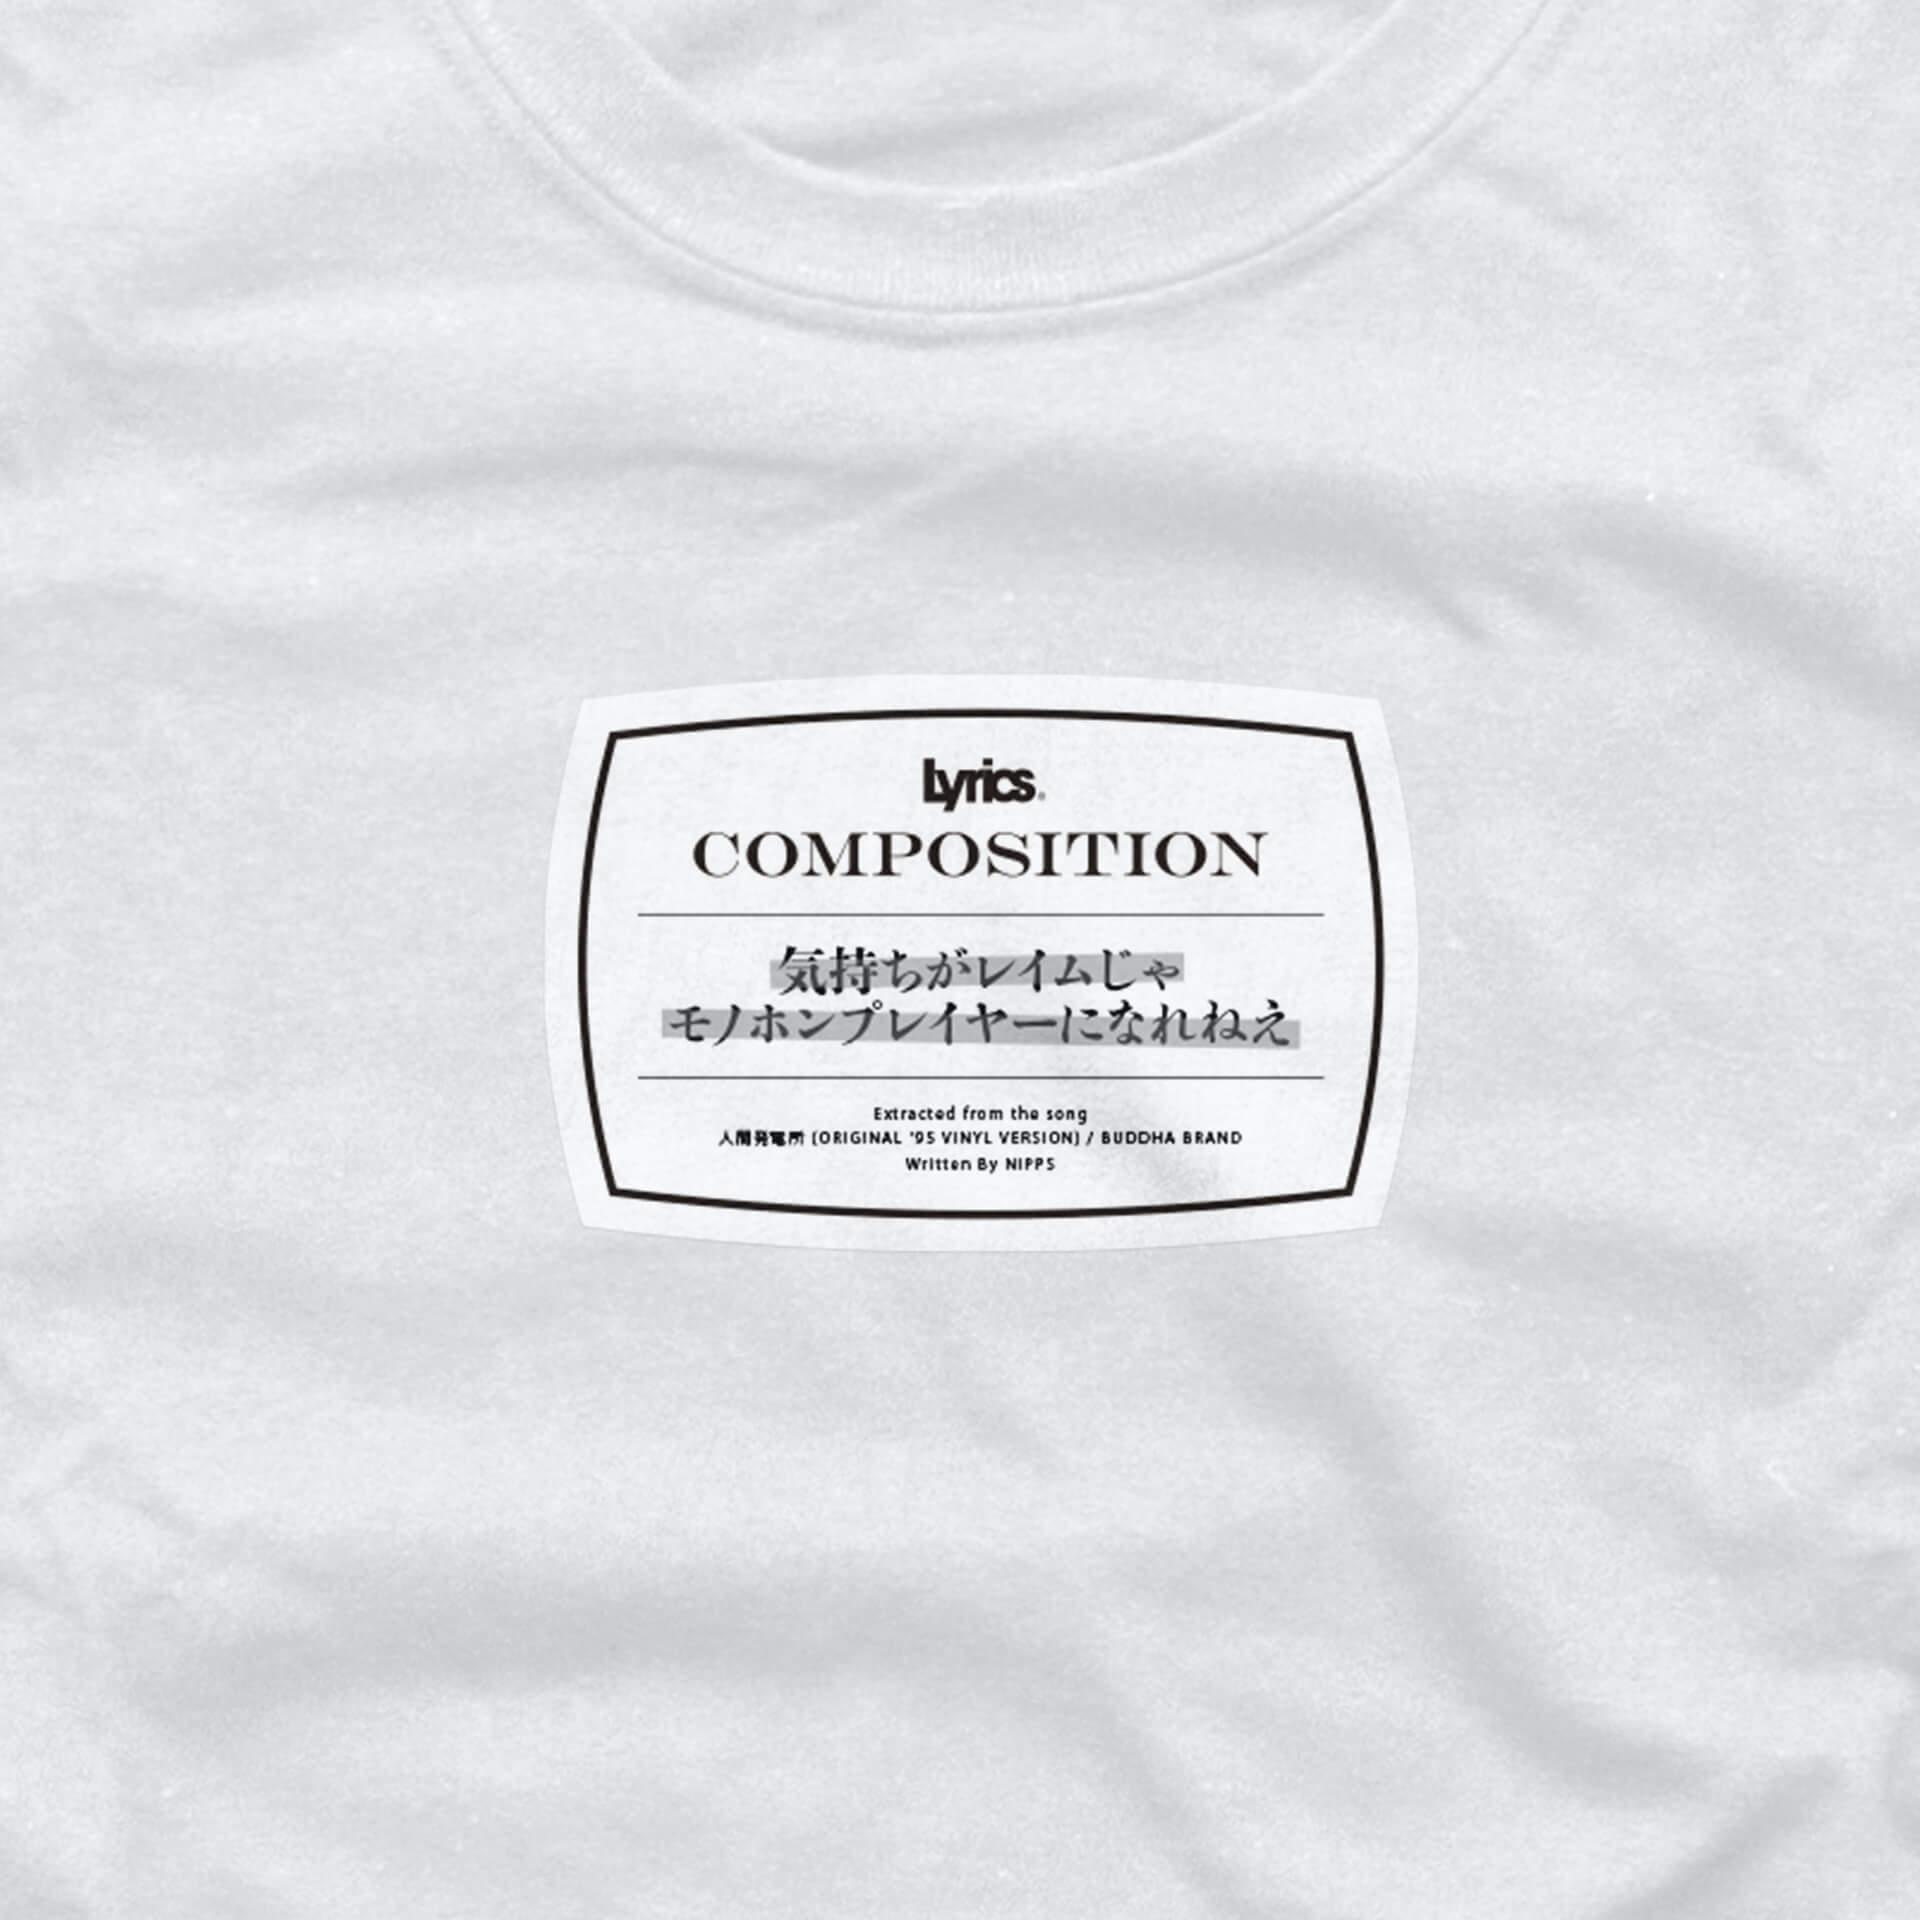 Zeebra、NIPPS、TWIGYのパンチラインがアパレルに!?リリックをデザインに落とし込んだアパレルブランド『Lyrics』が登場! Fashion210608_LYRICS-tshirt7